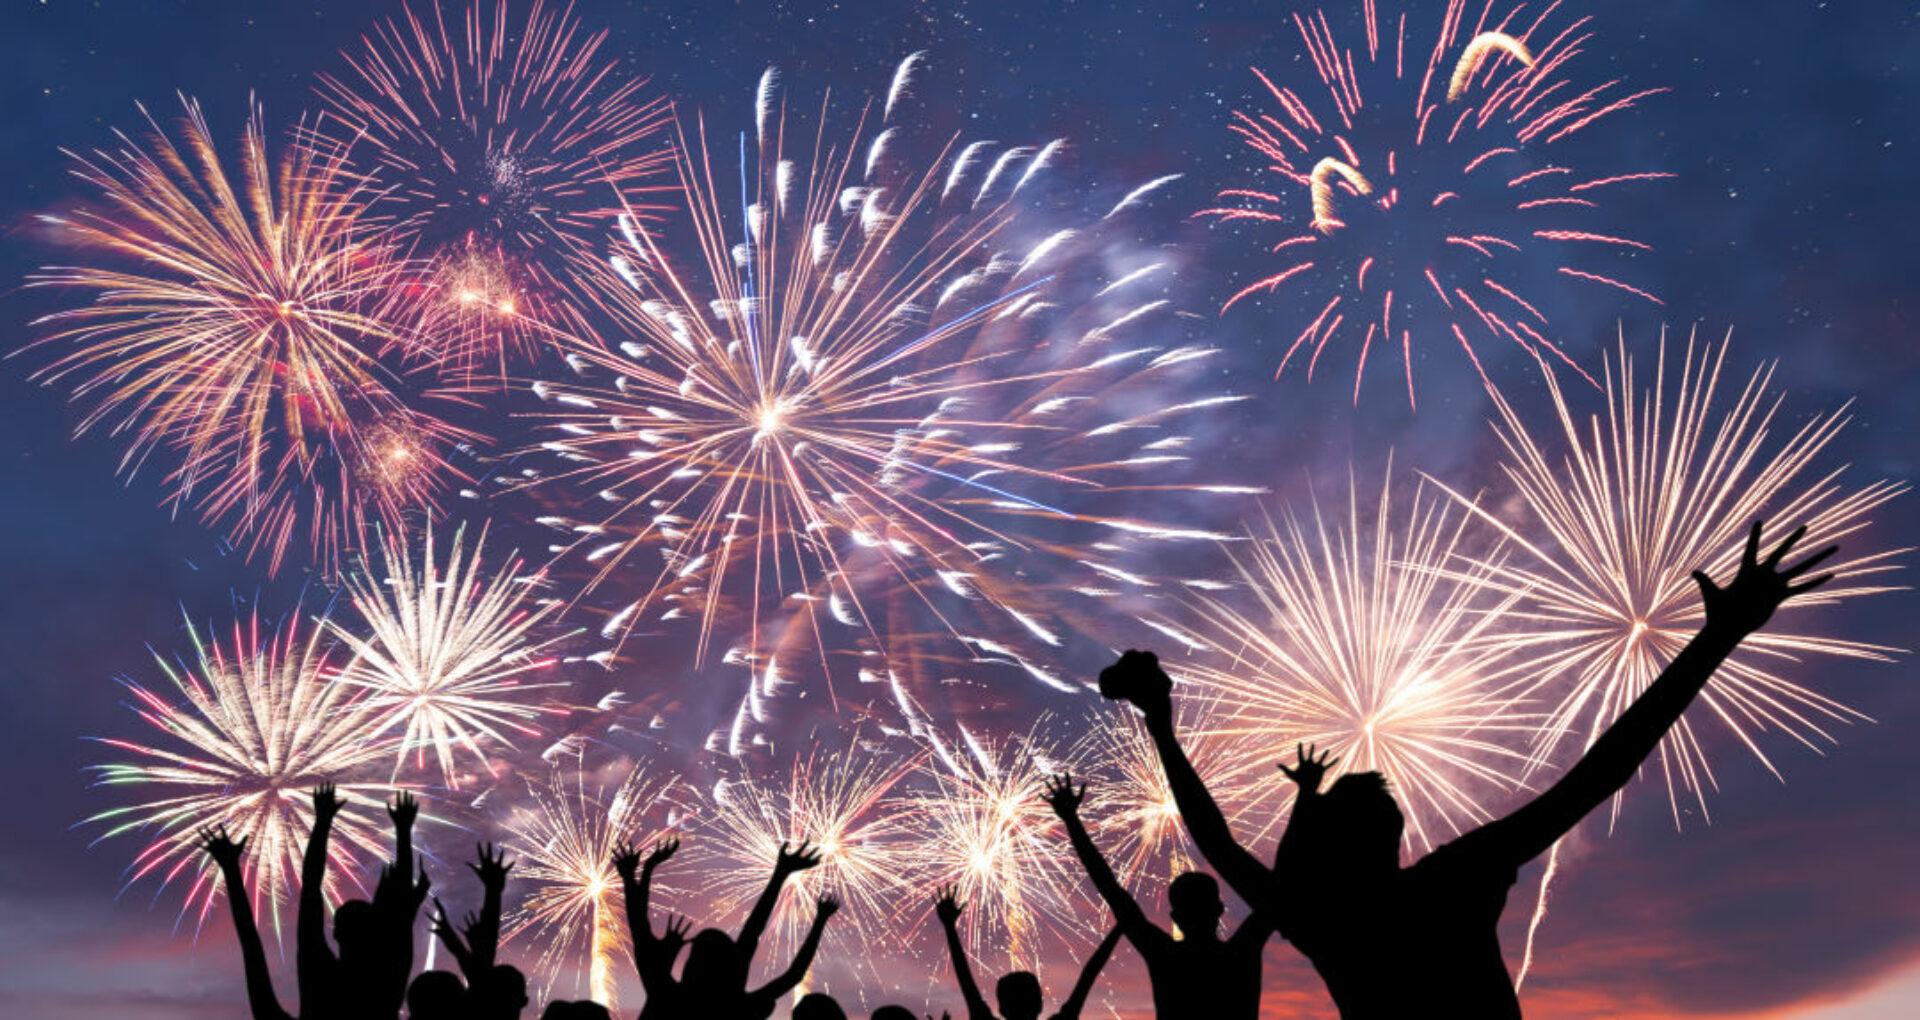 AVERTISMENT: Focurile de artificii reprezintă pericol pentru sănătatea oamenilor și pentru mediul înconjurător